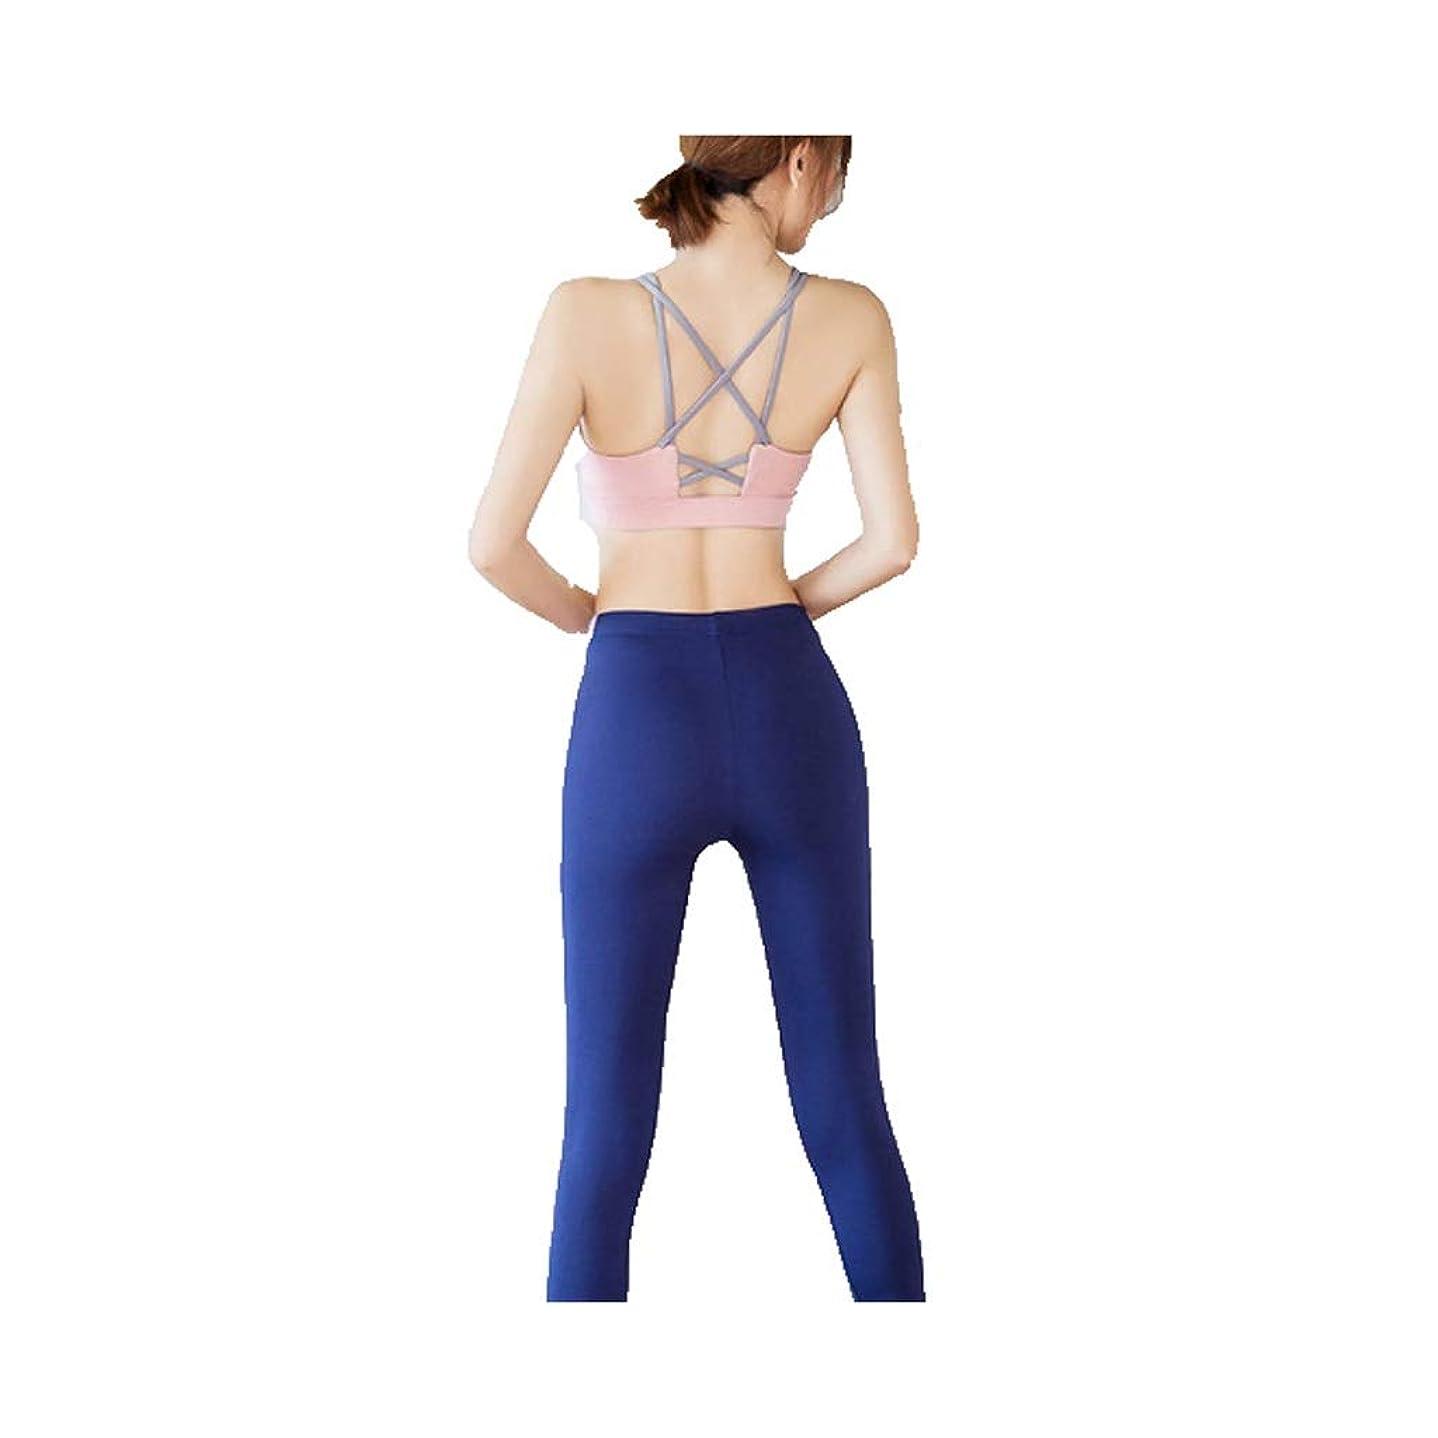 現代かび臭い埋める女性のスポーツスーツヨガのエクササイズ服スポーツ速乾性の服スポーツ下着フィットネスパンツツーピース (Color : 1, Size : S)